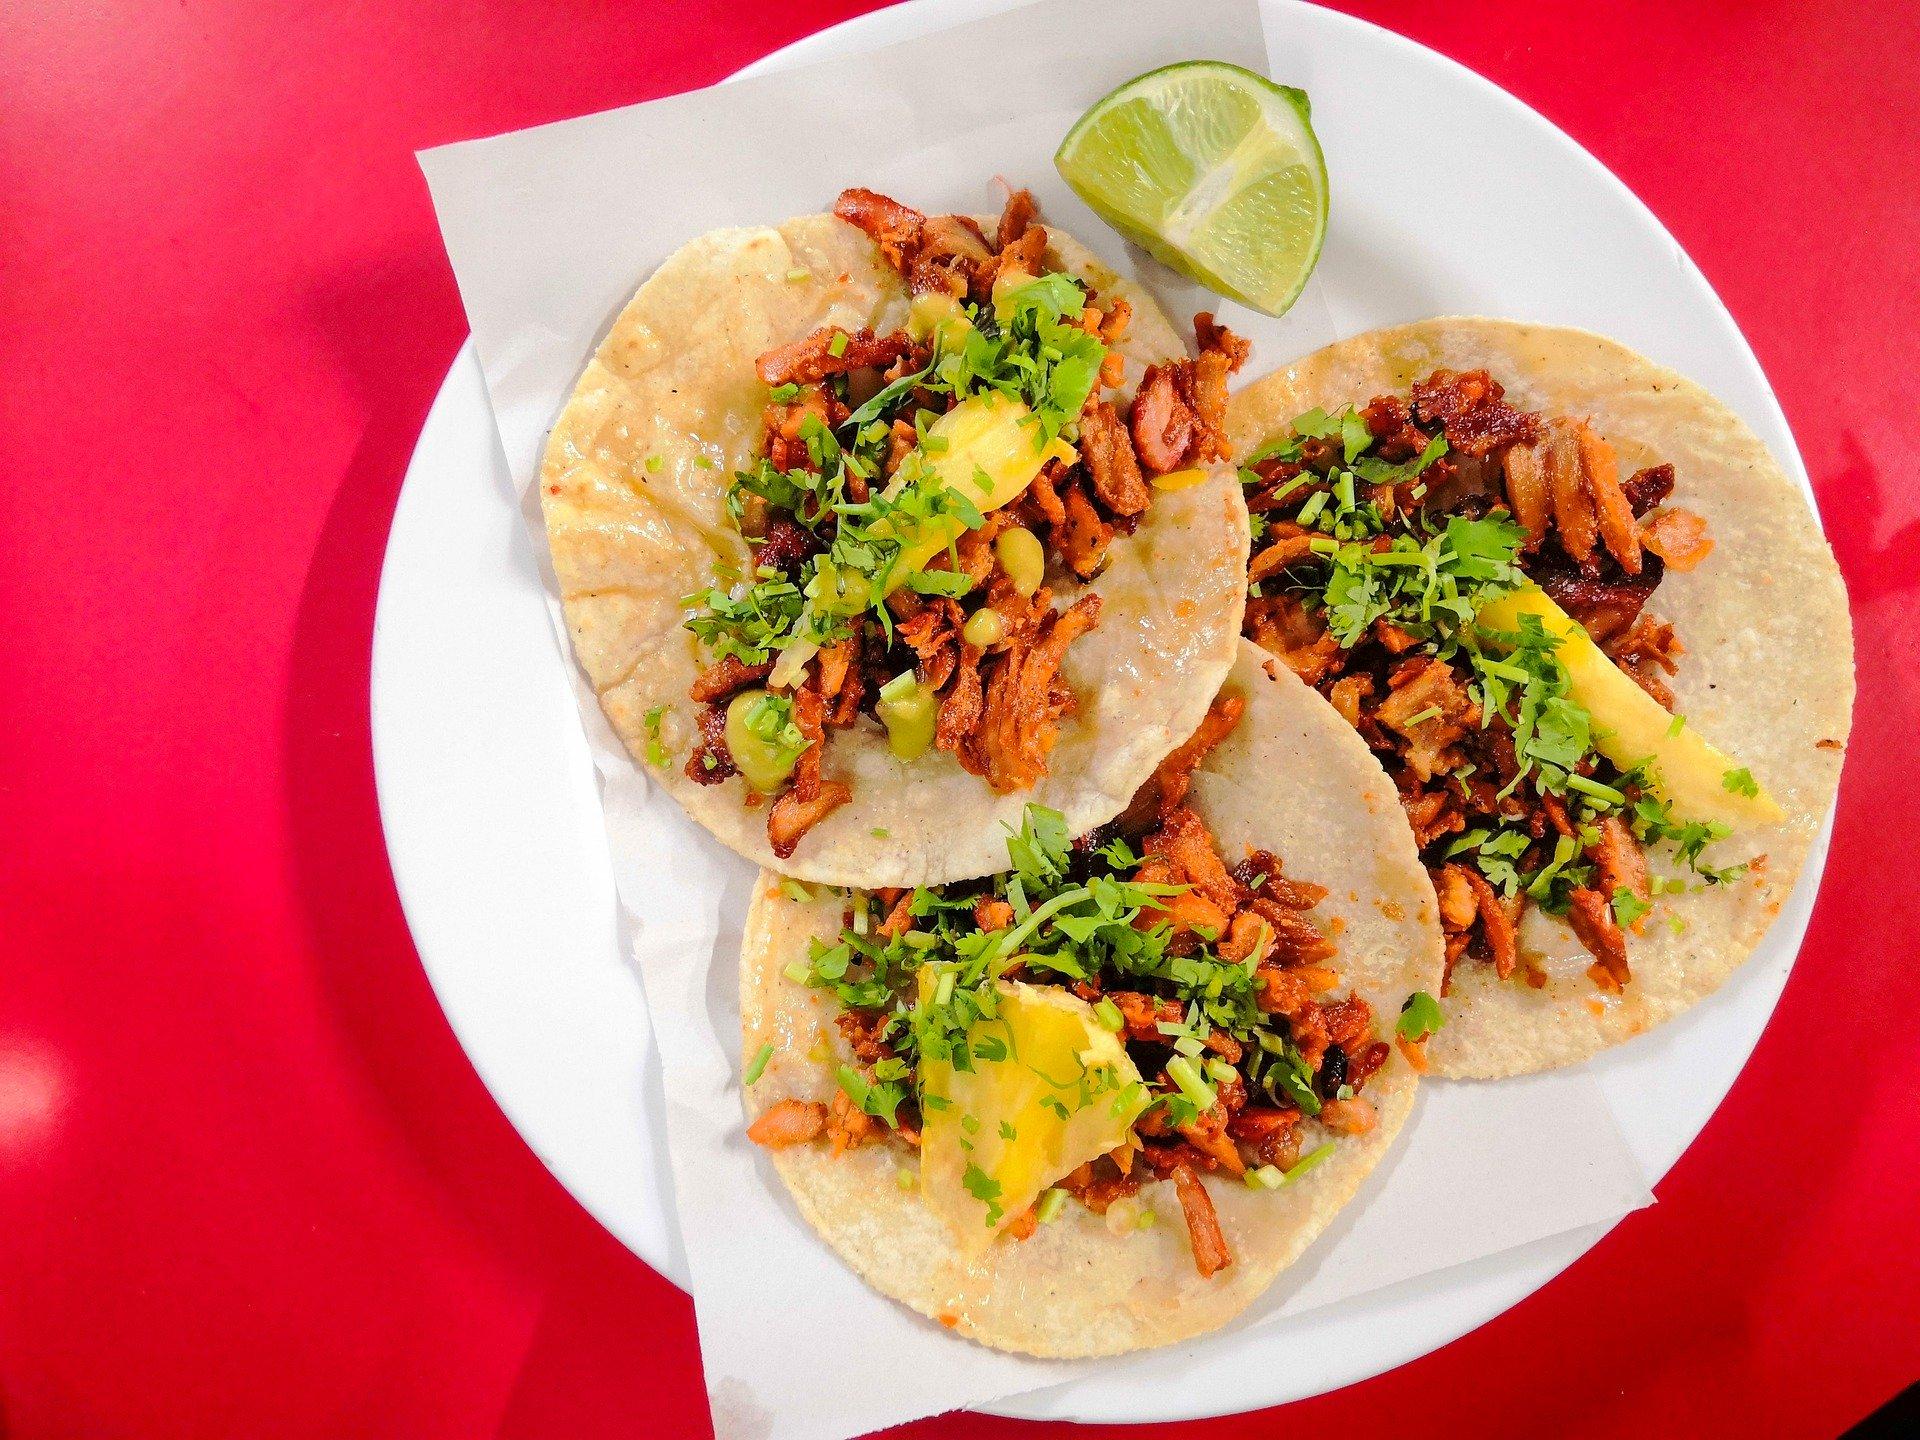 Comida mexicana, la categoría más pedida por usuarios de app